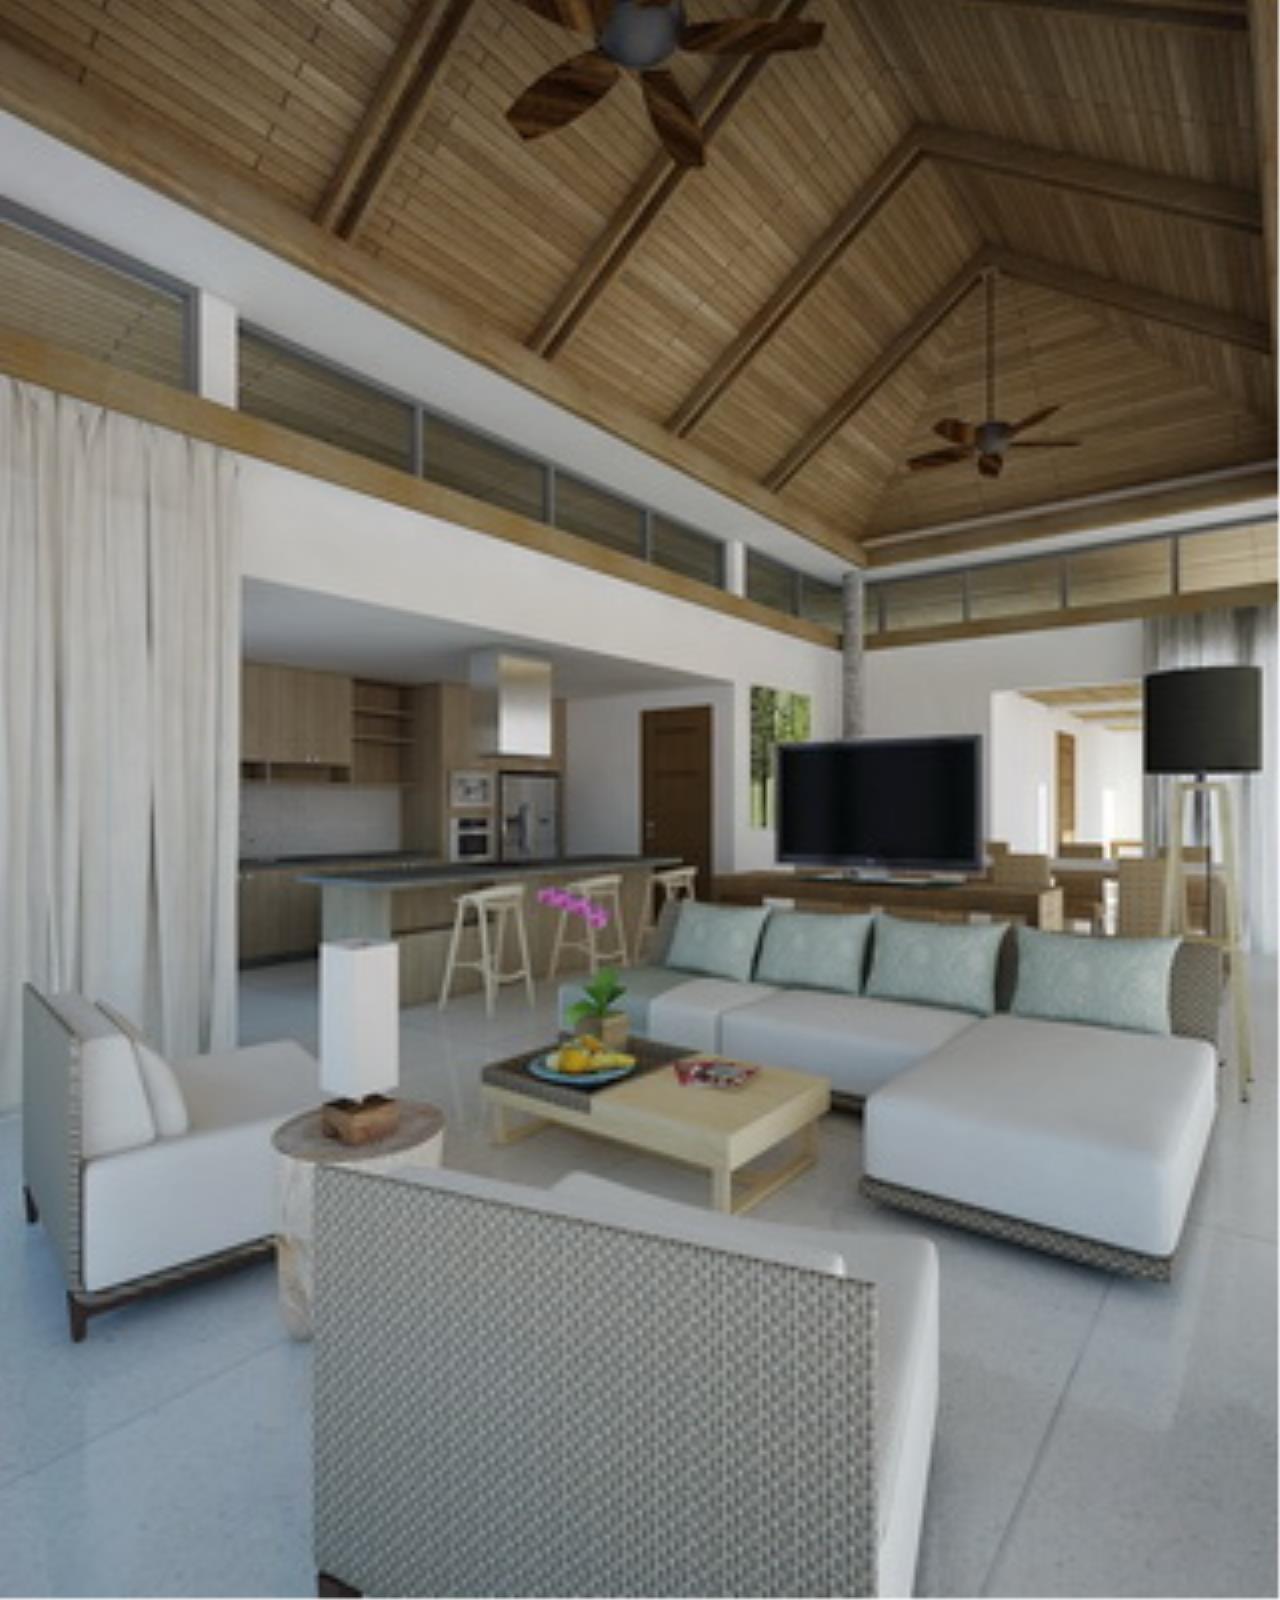 REAL Phuket  Agency's Botanica Villas (Phase III) - Contemporary 3-Bedroom Pool Villa at Layan Beach 5